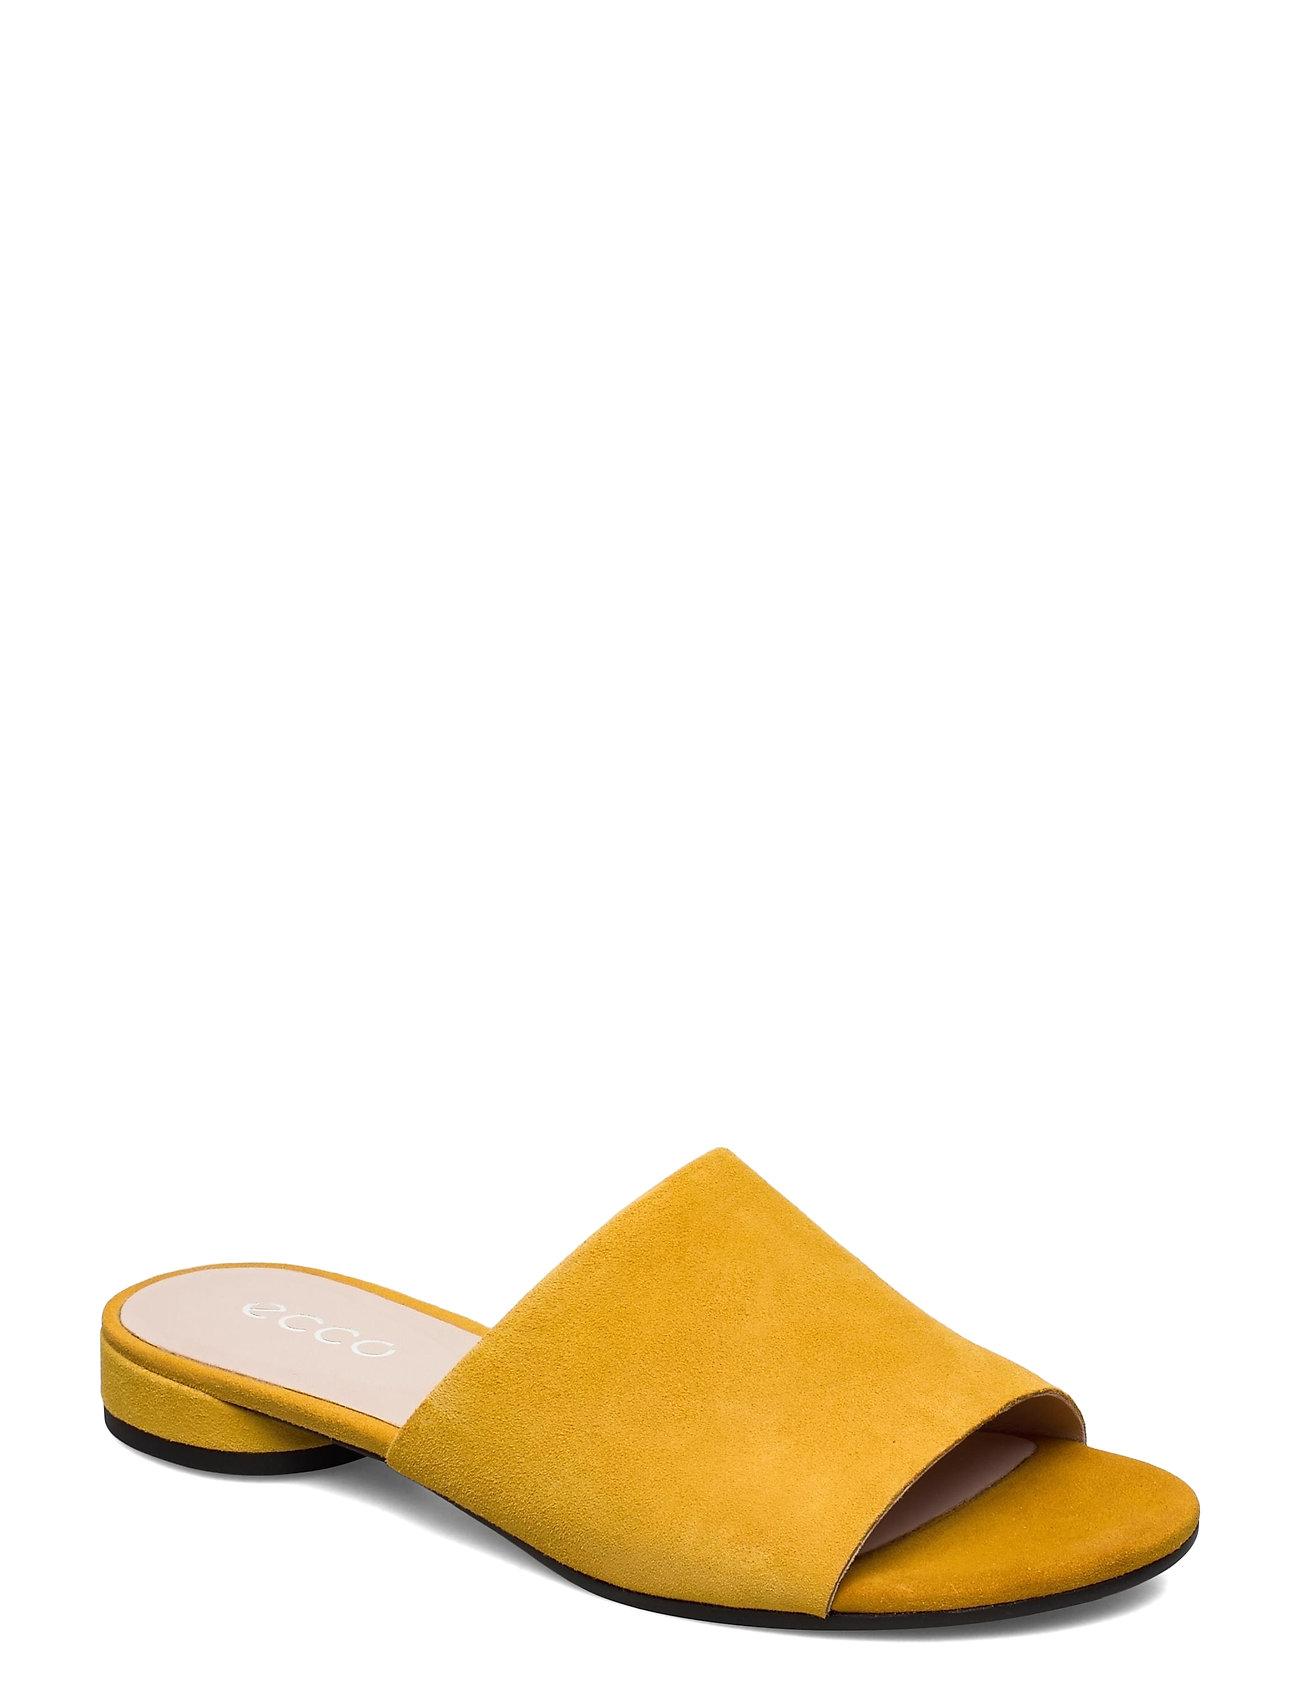 Image of W Flat Sandal Ii Shoes Summer Shoes Flat Sandals Gul ECCO (3379842067)